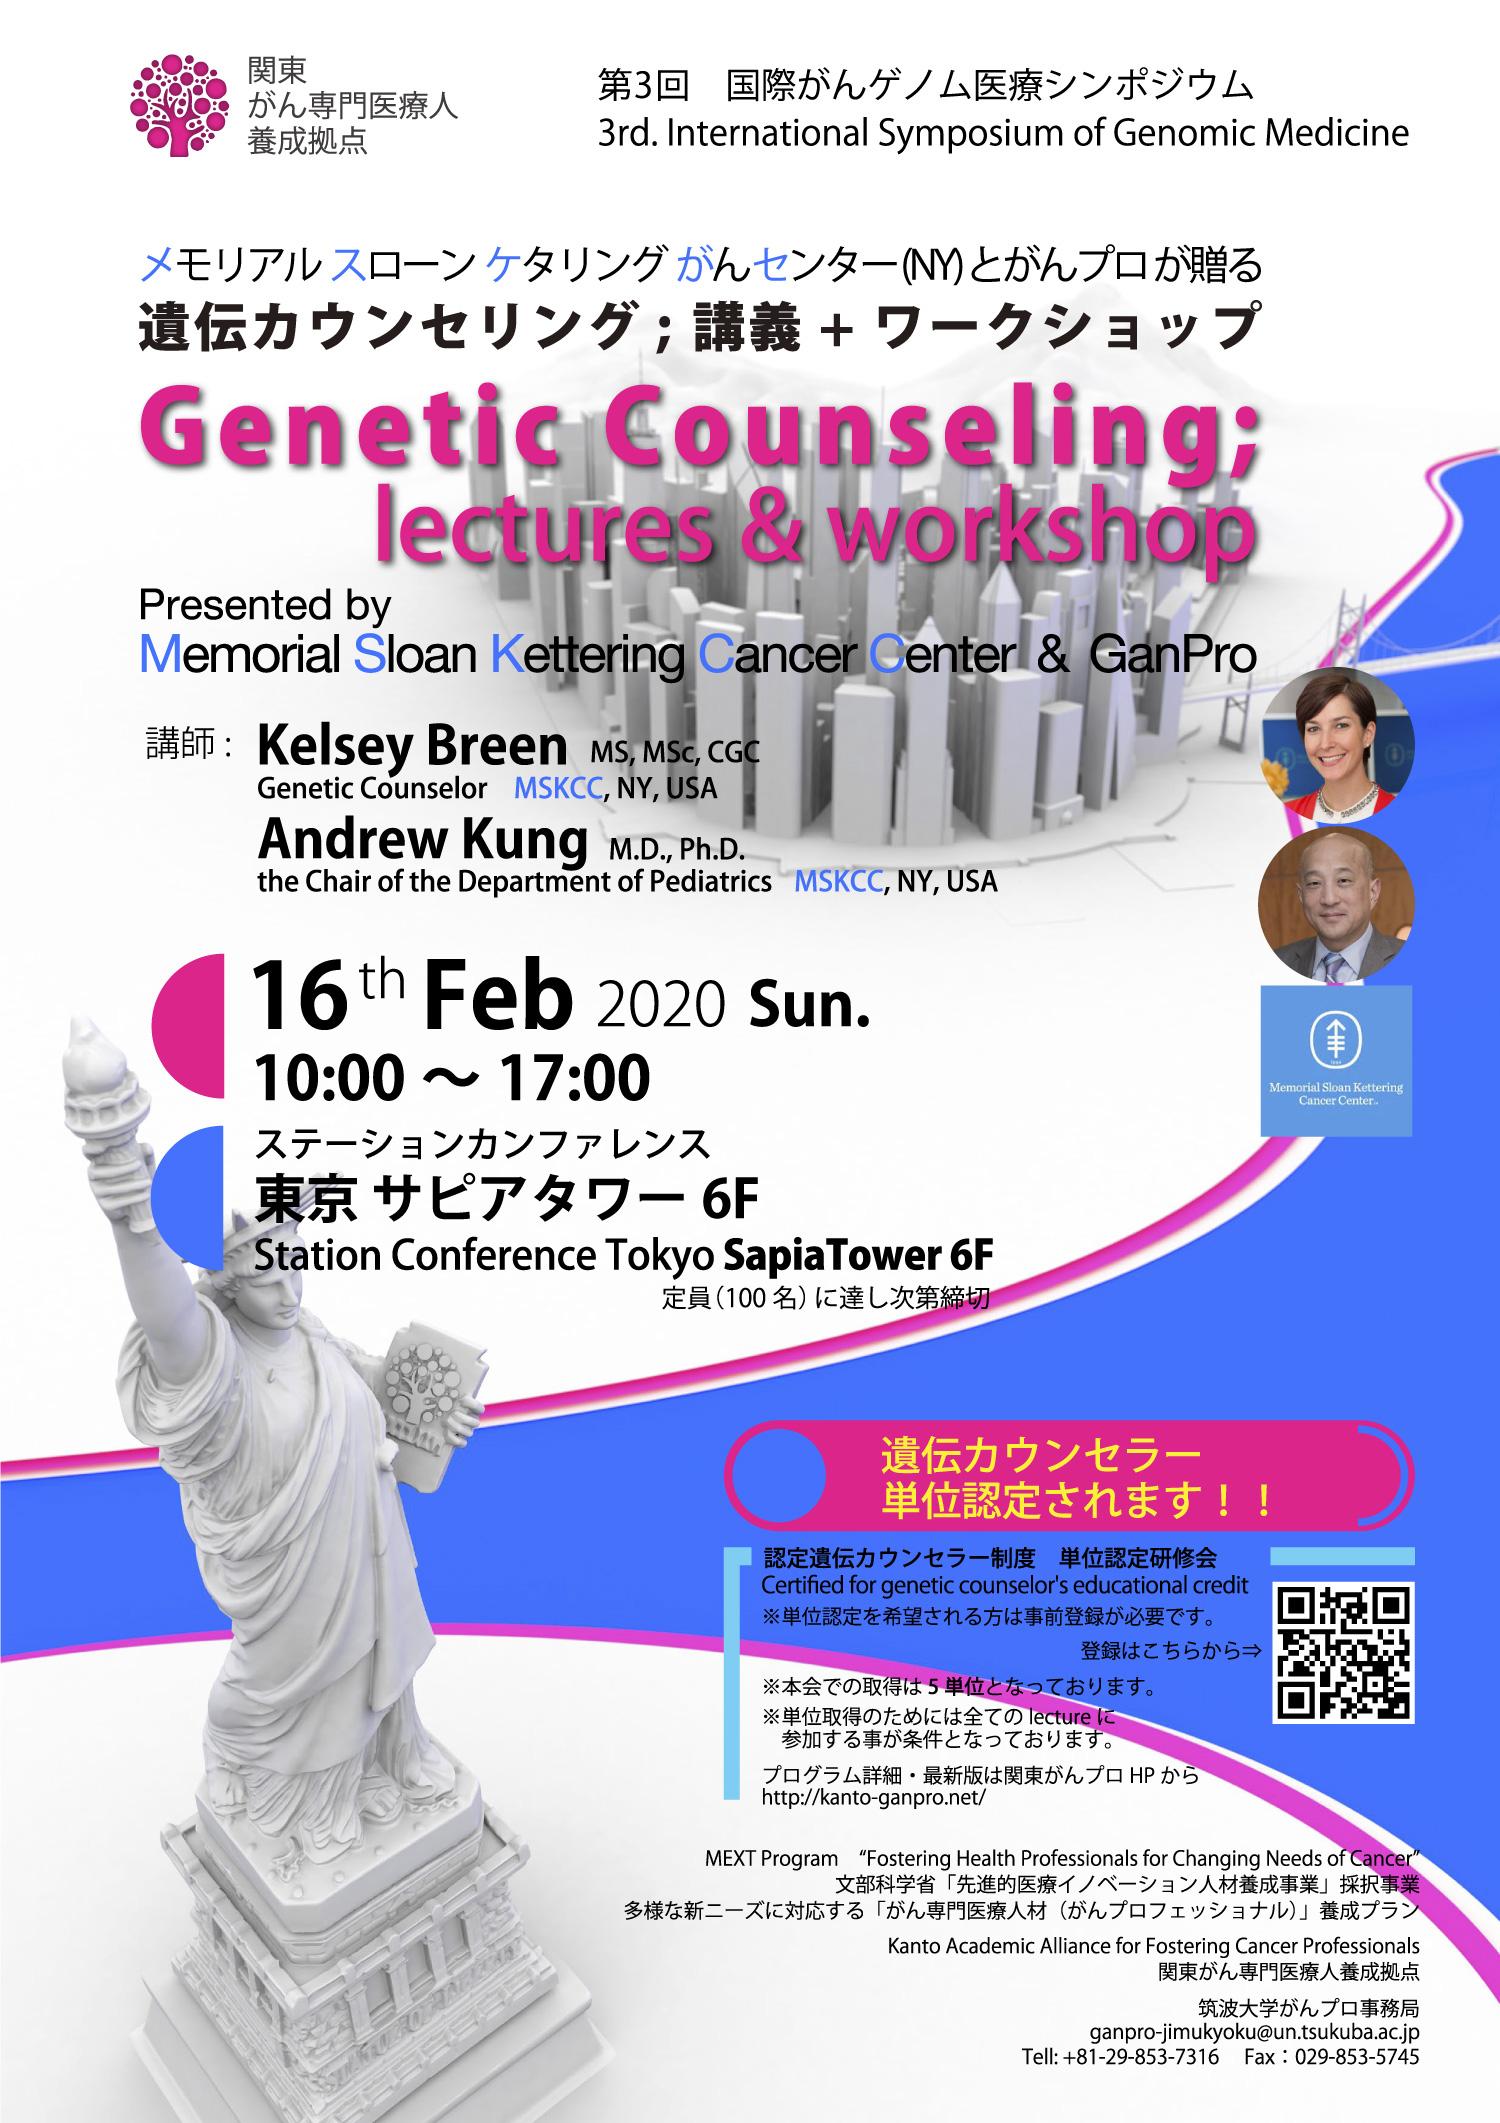 メモリアル・スローン・ケタリング・がんセンター(NY)とがんプロが贈る遺伝カウンセリング